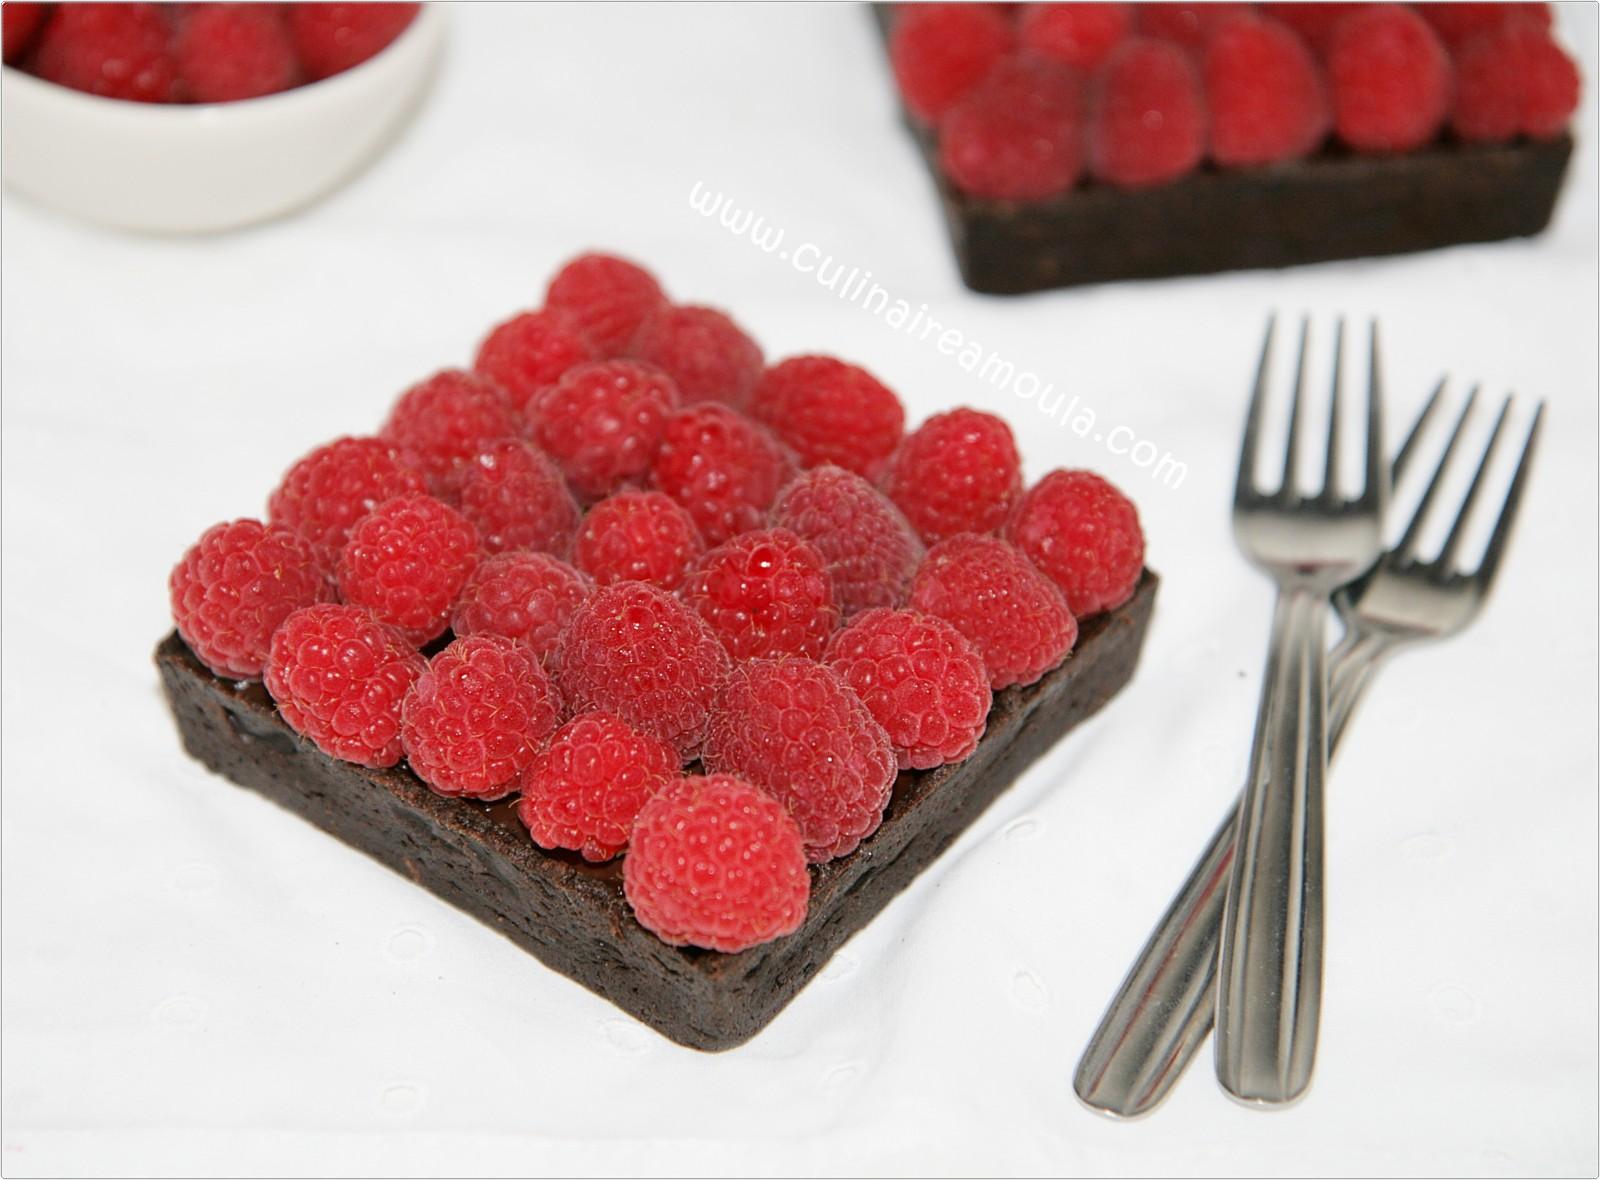 Cette fois j'ai réuni le duo gourmand chocolat-framboises dans une superbe tarte...  http://www.culinaireamoula.com/article-tarte-a-la-creme-chocolat-et-aux-framboises-121056671.html